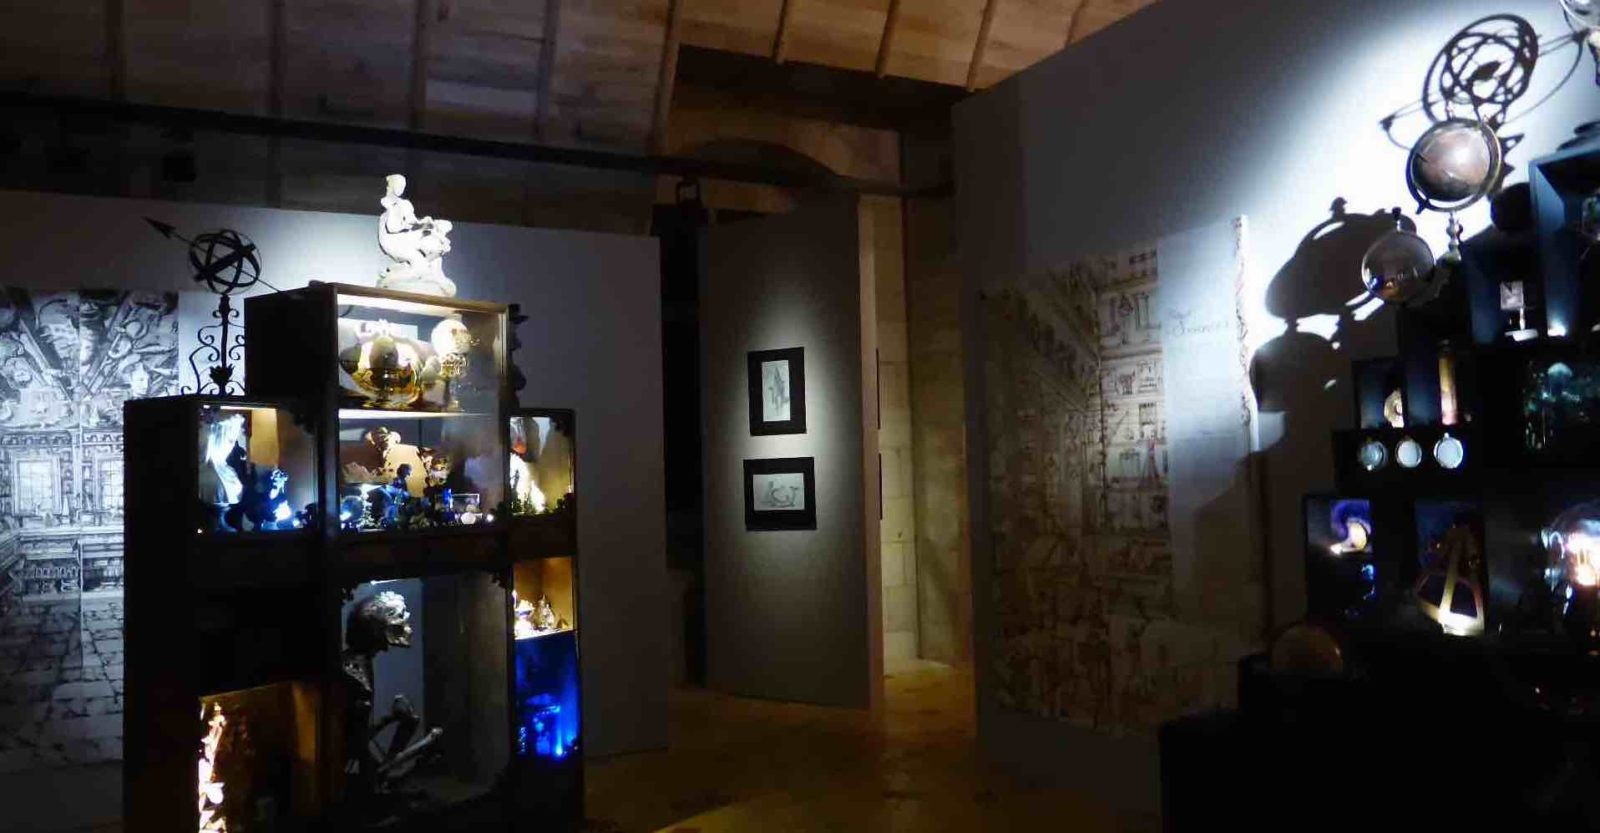 Chambres des Merveilles Château d'Angers globes